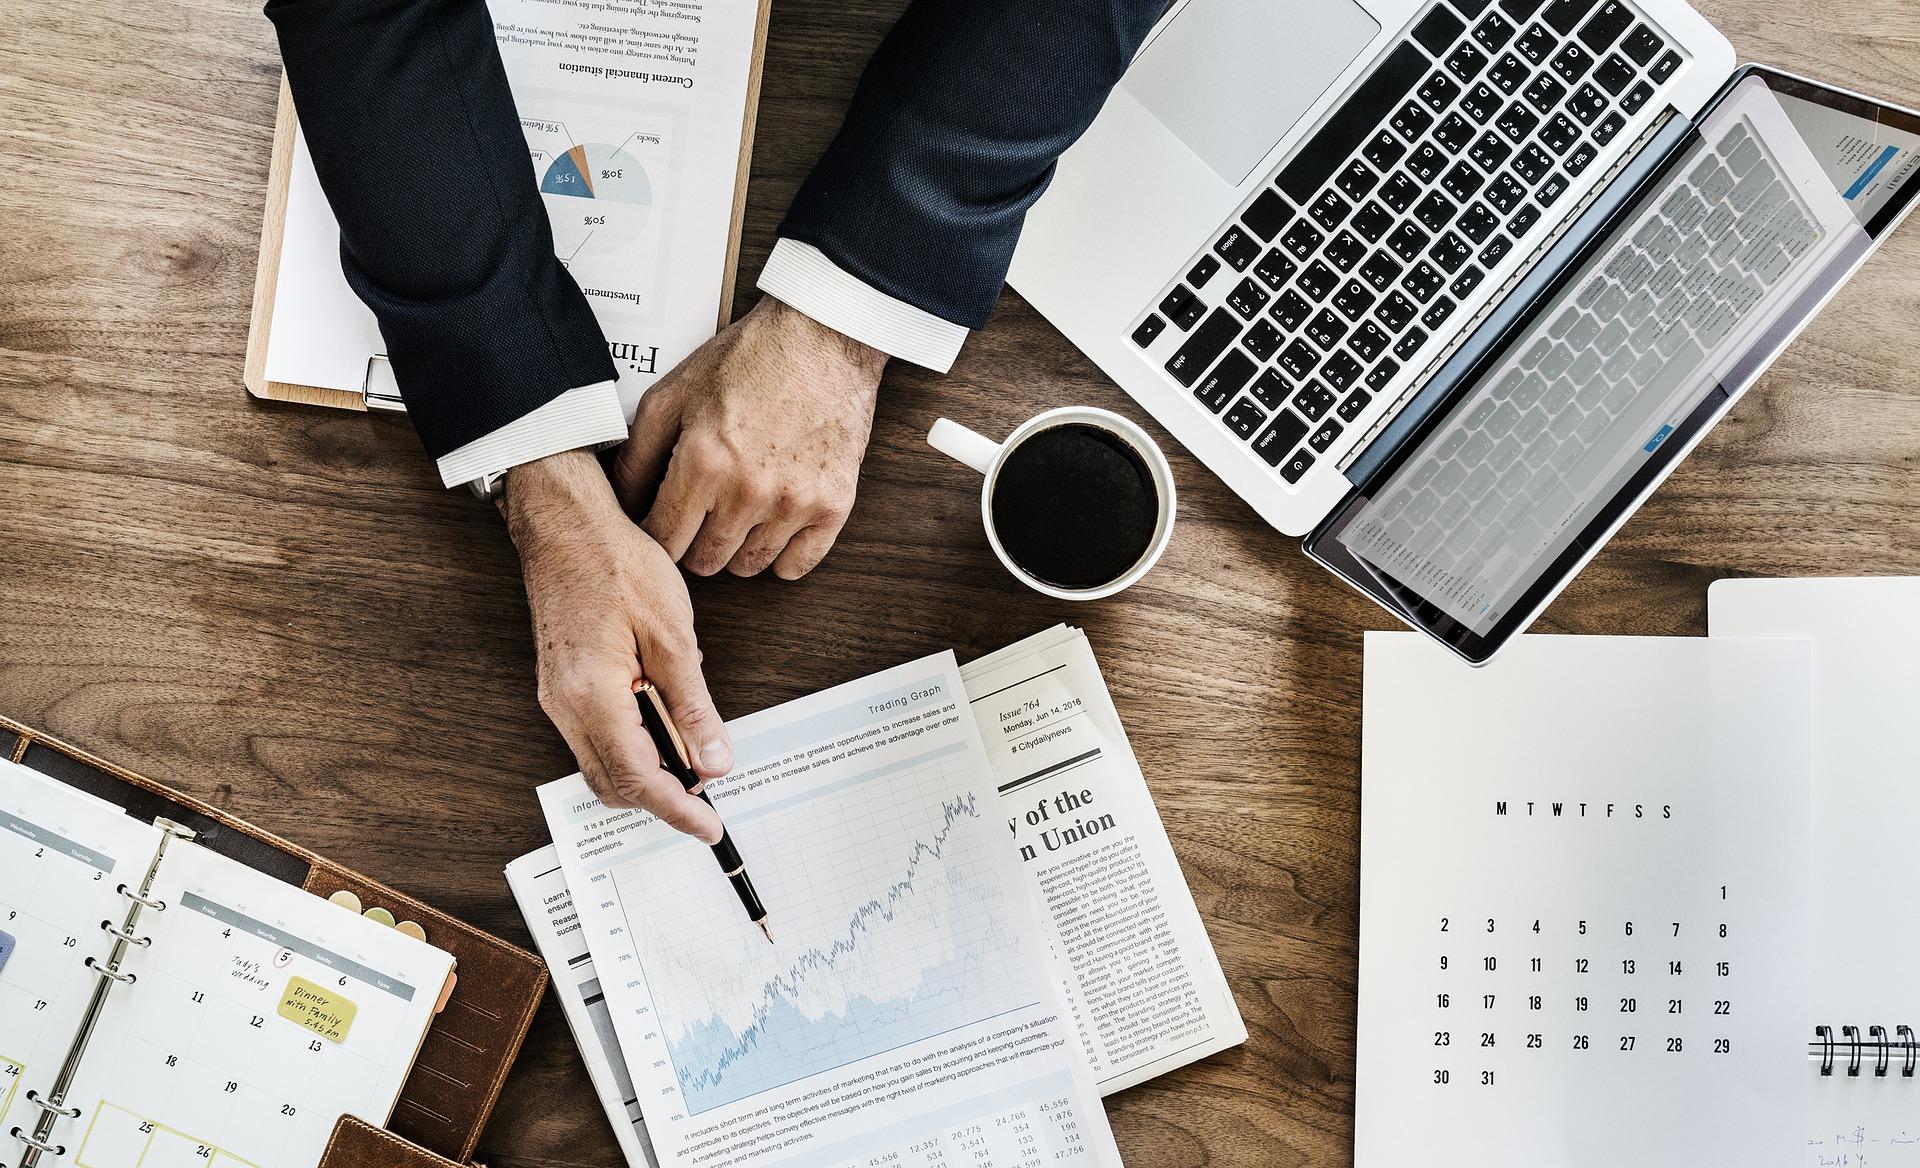 LA Colombo Finanziaria - Garantiamo ai nostri clienti affidabilità nonché qualità dei servizi